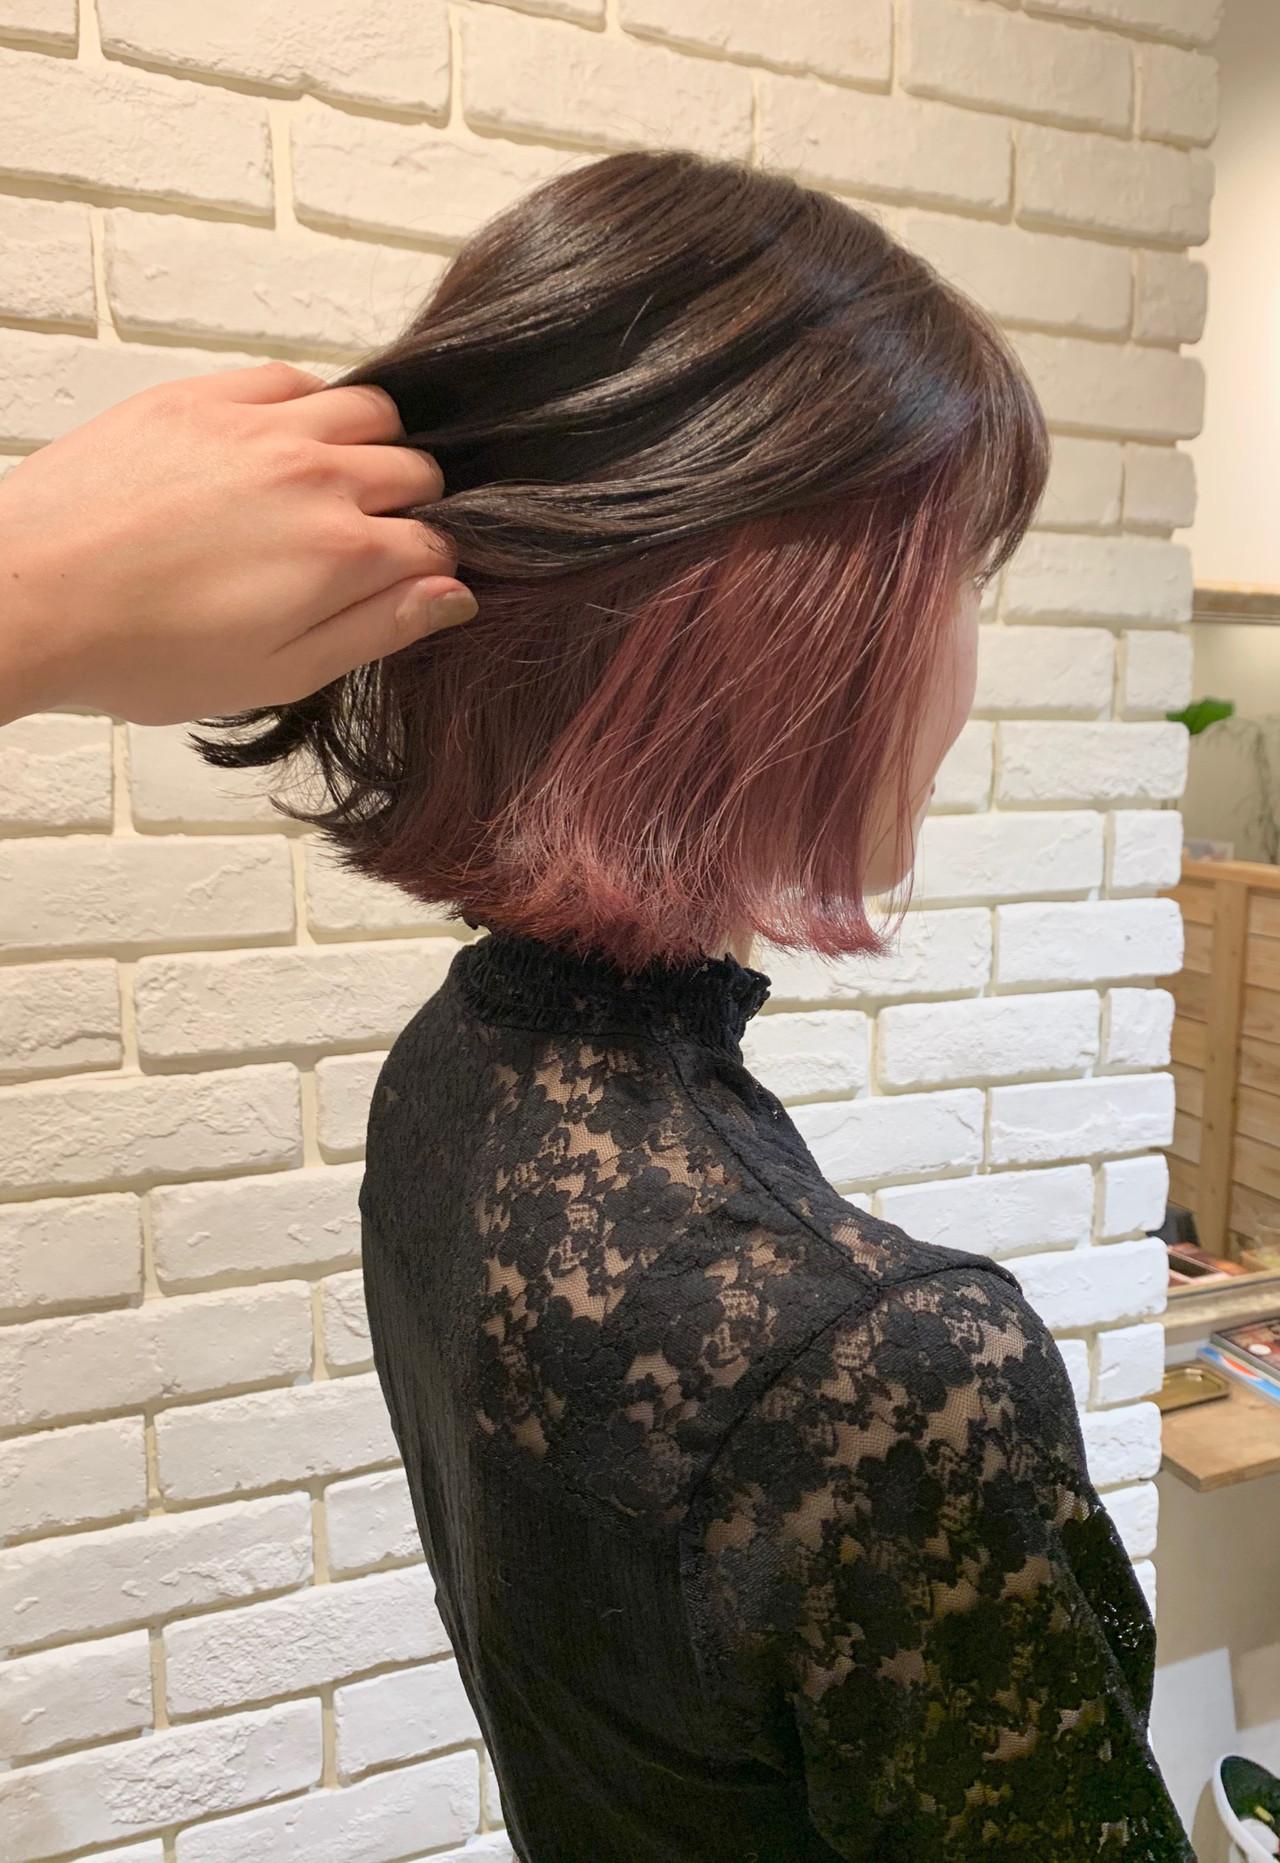 インナーピンク ボブ 切りっぱなしボブ インナーカラー ヘアスタイルや髪型の写真・画像 | 谷川 未来 / Lauburu bat.hair渋谷2号店